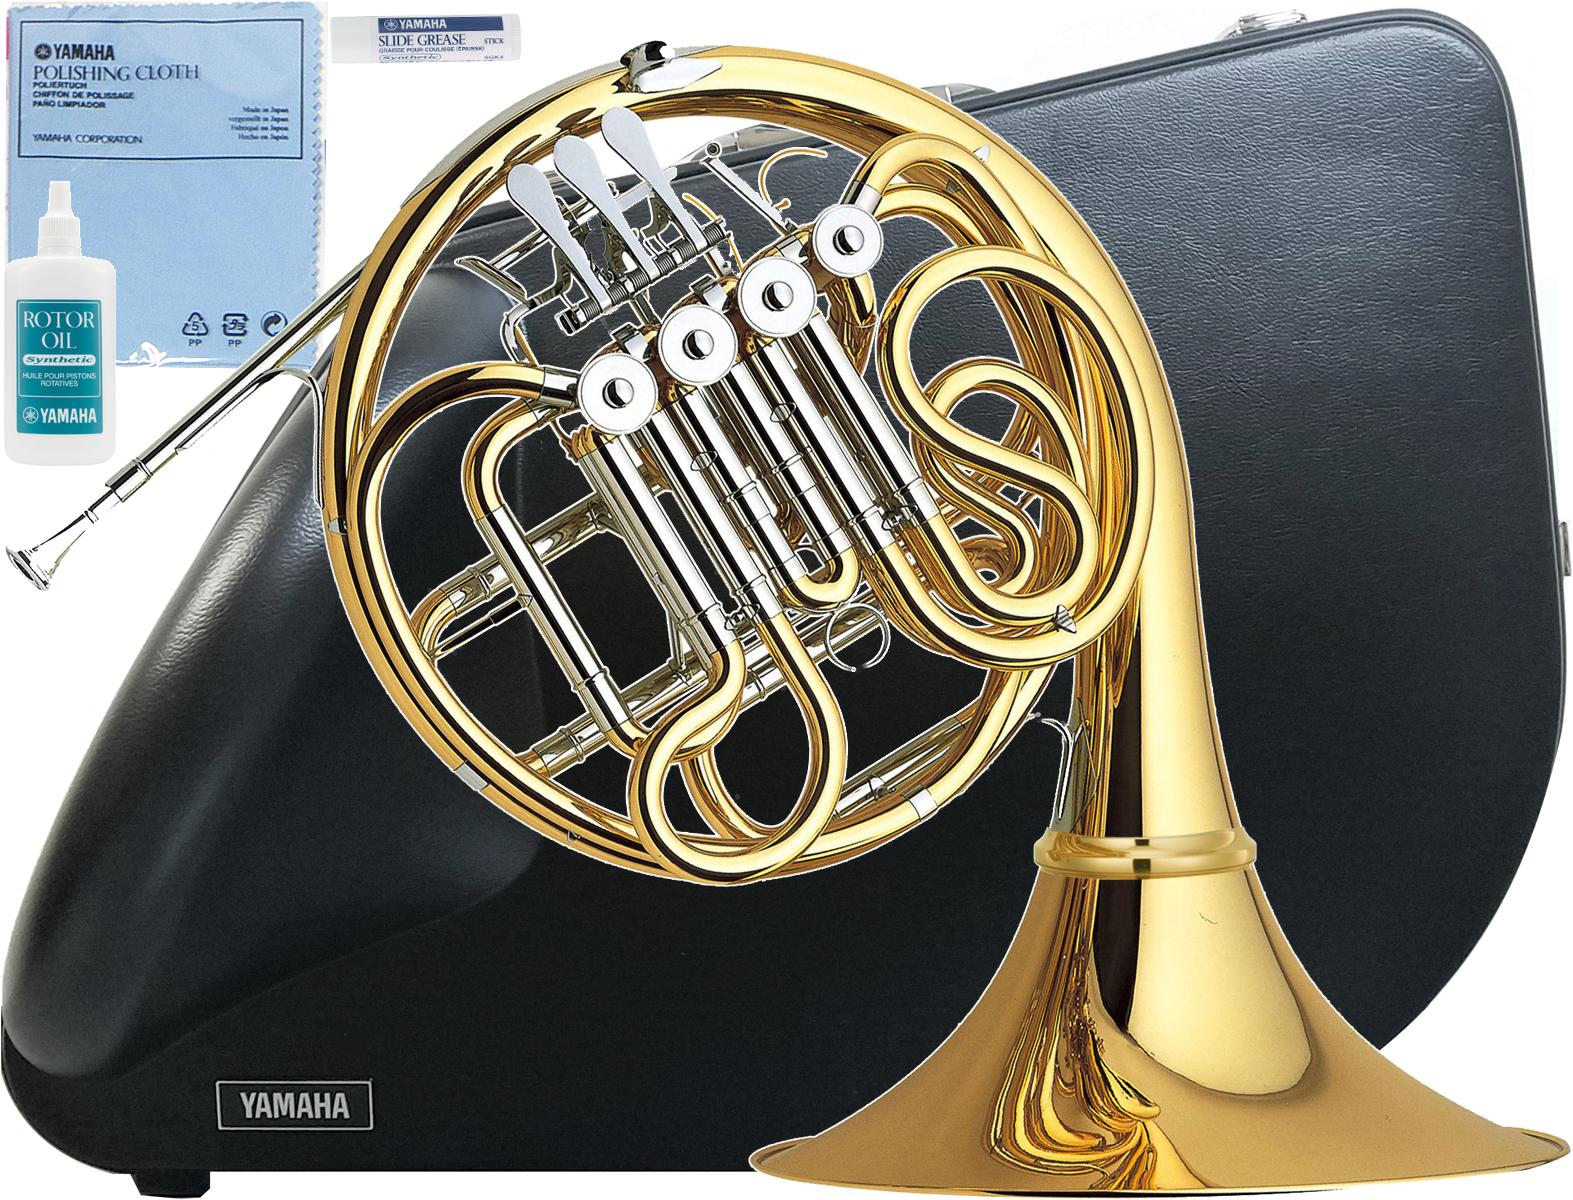 YAMAHA ( ヤマハ ) YHR-567D フレンチホルン デタッチャブル F/B♭ フルダブルホルン 新品 管楽器 ホルン 本体 日本製 YHR567D Full double French horn 送料無料(代引き不可)